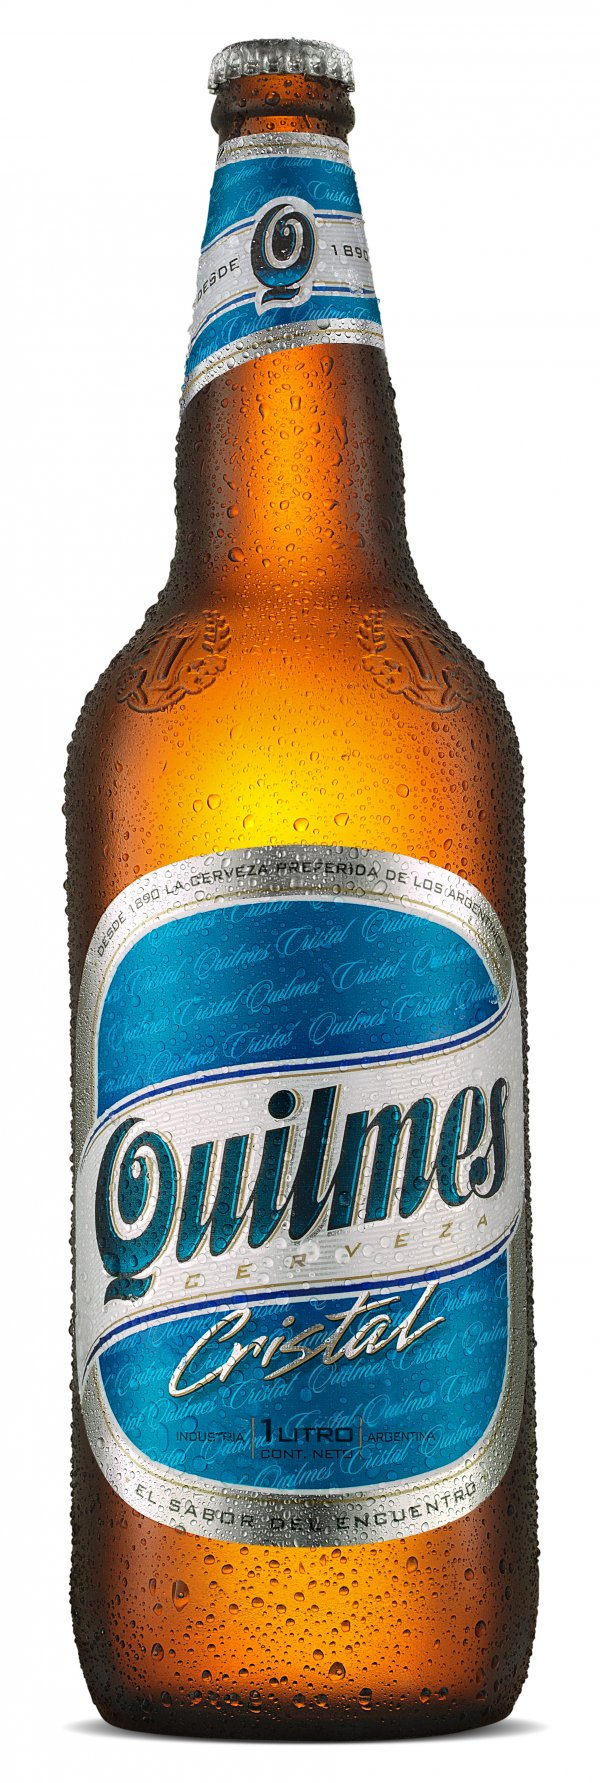 Quilmes Cambia El Envase De Toda Su Linea De Cervezas Empresas Cerveza Botellas De Cerveza Envases De Cerveza